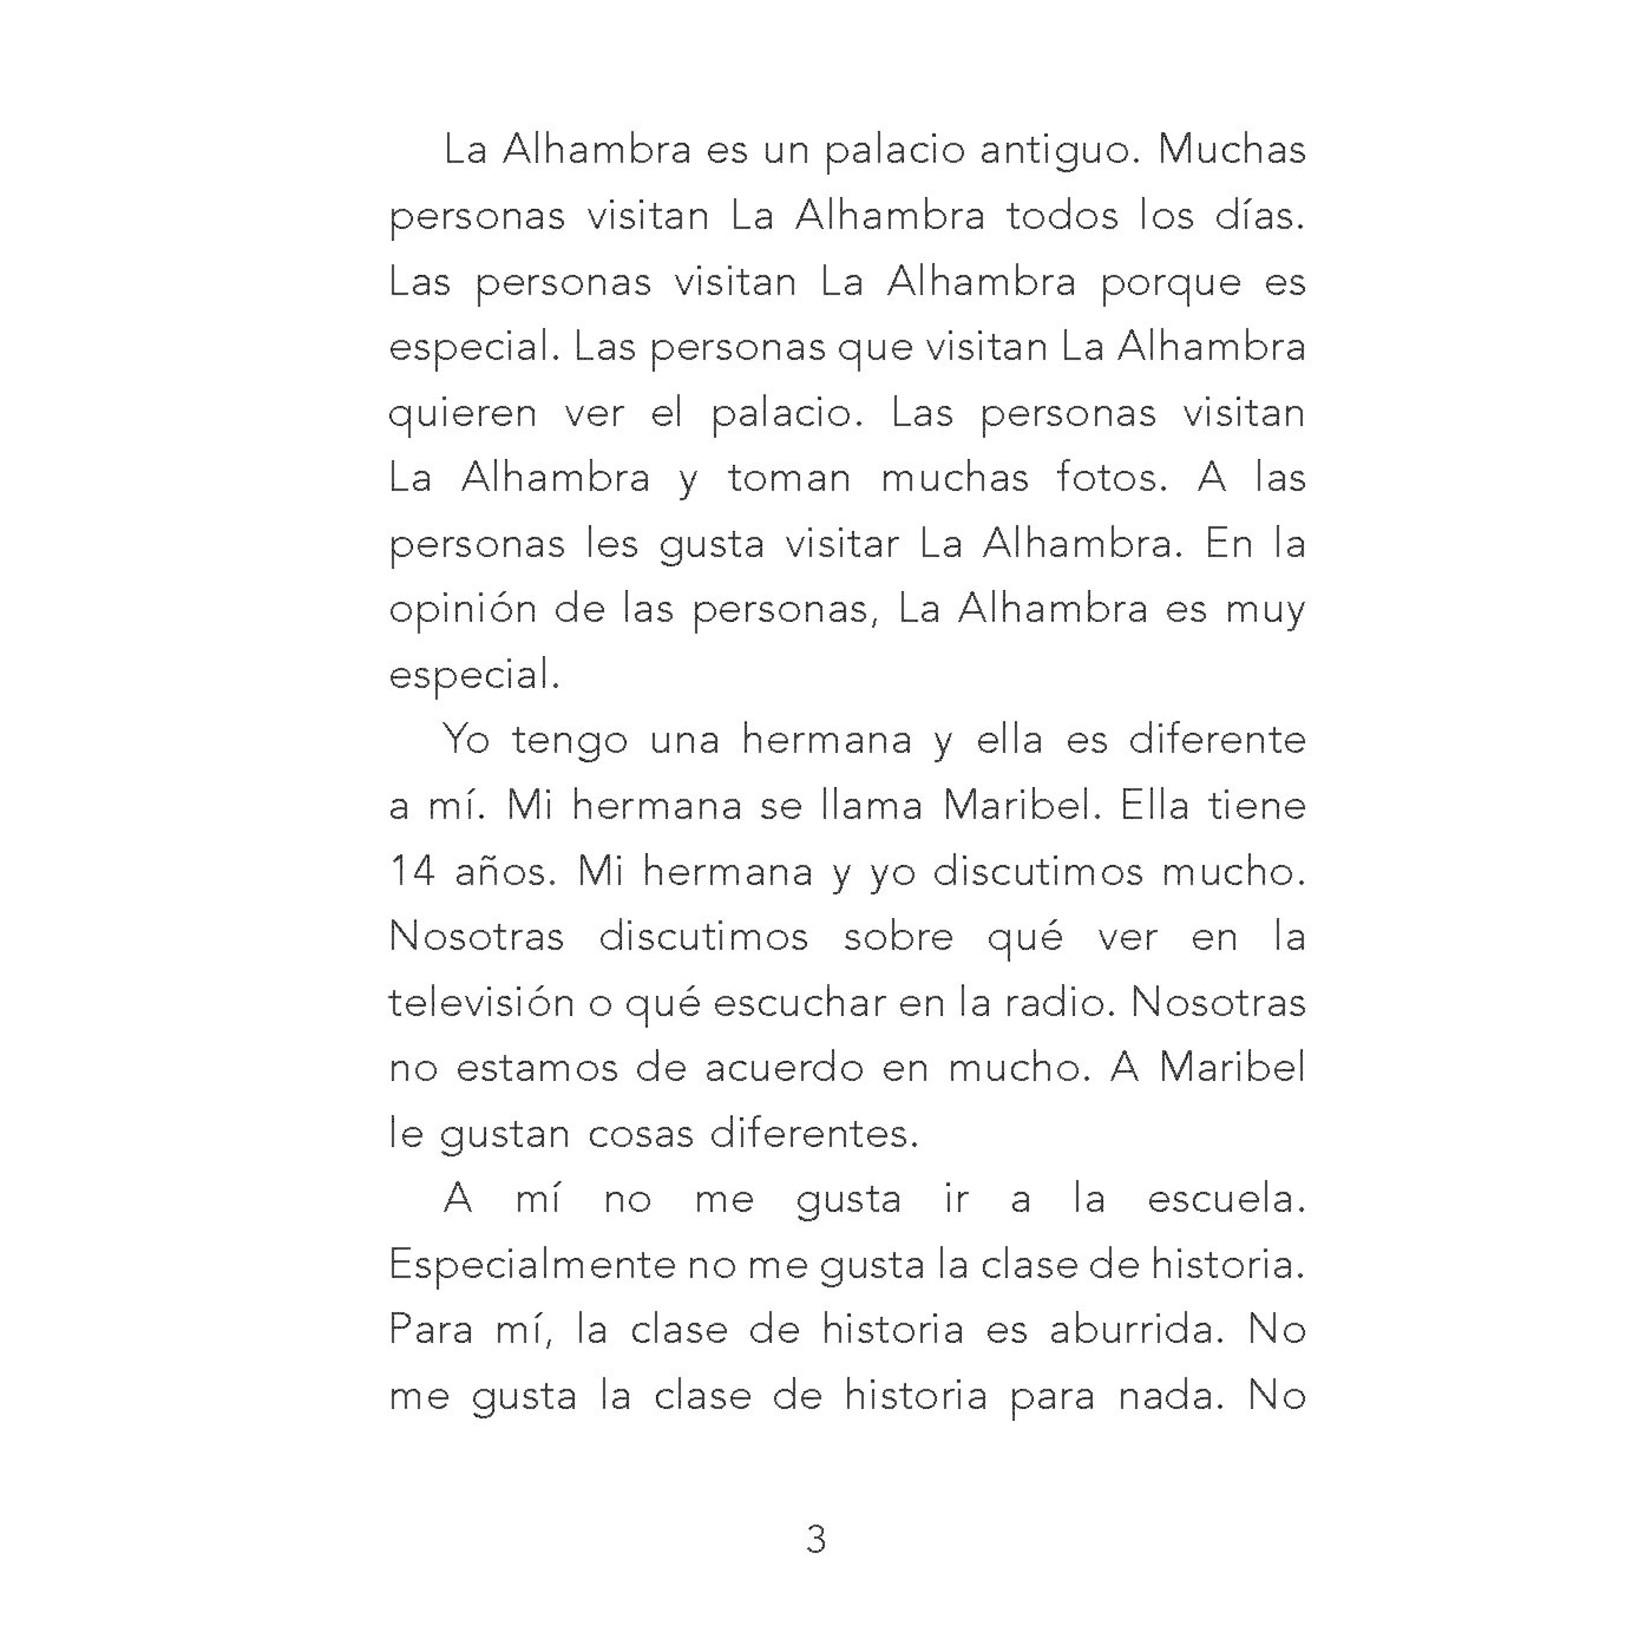 TPRS Books Los secretos de la Alhambra